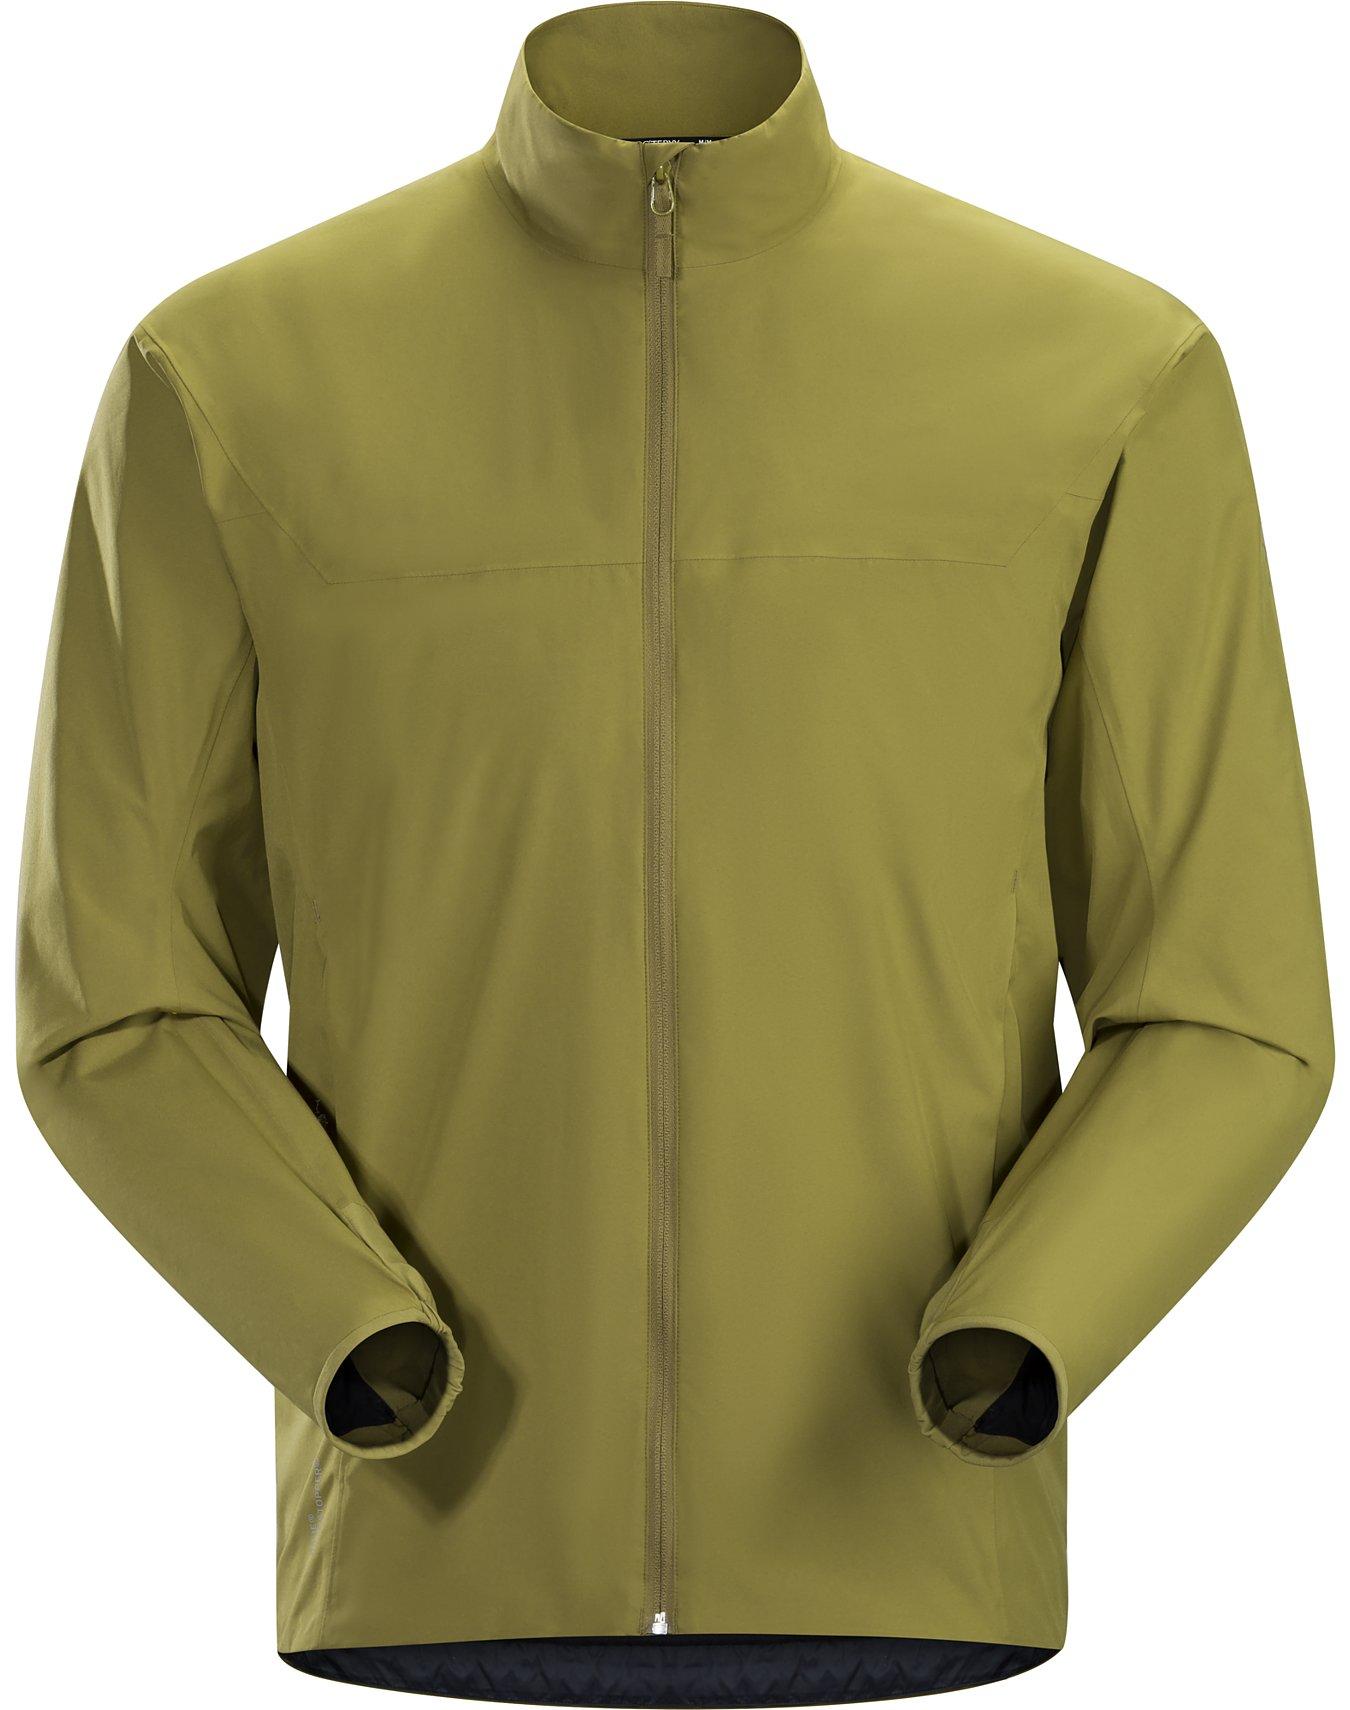 Solano Jacket Herren